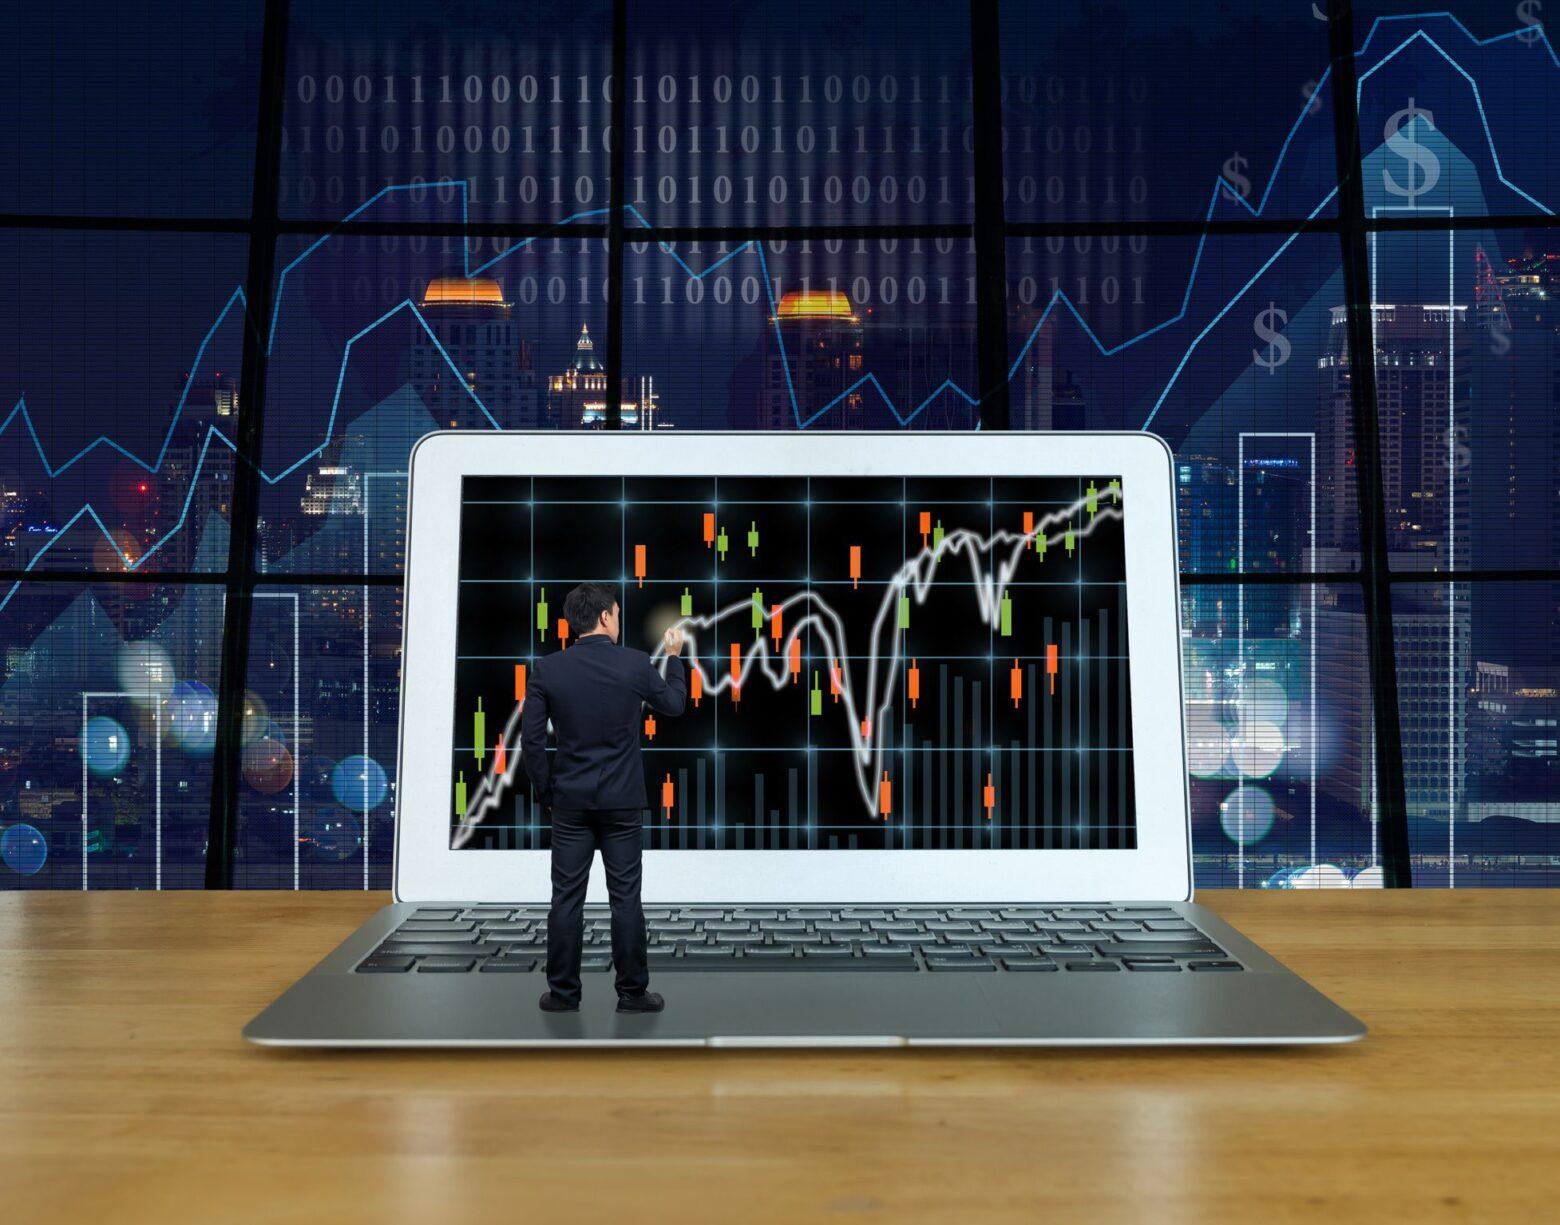 Qu'est-ce que c'est trader en ligne ?